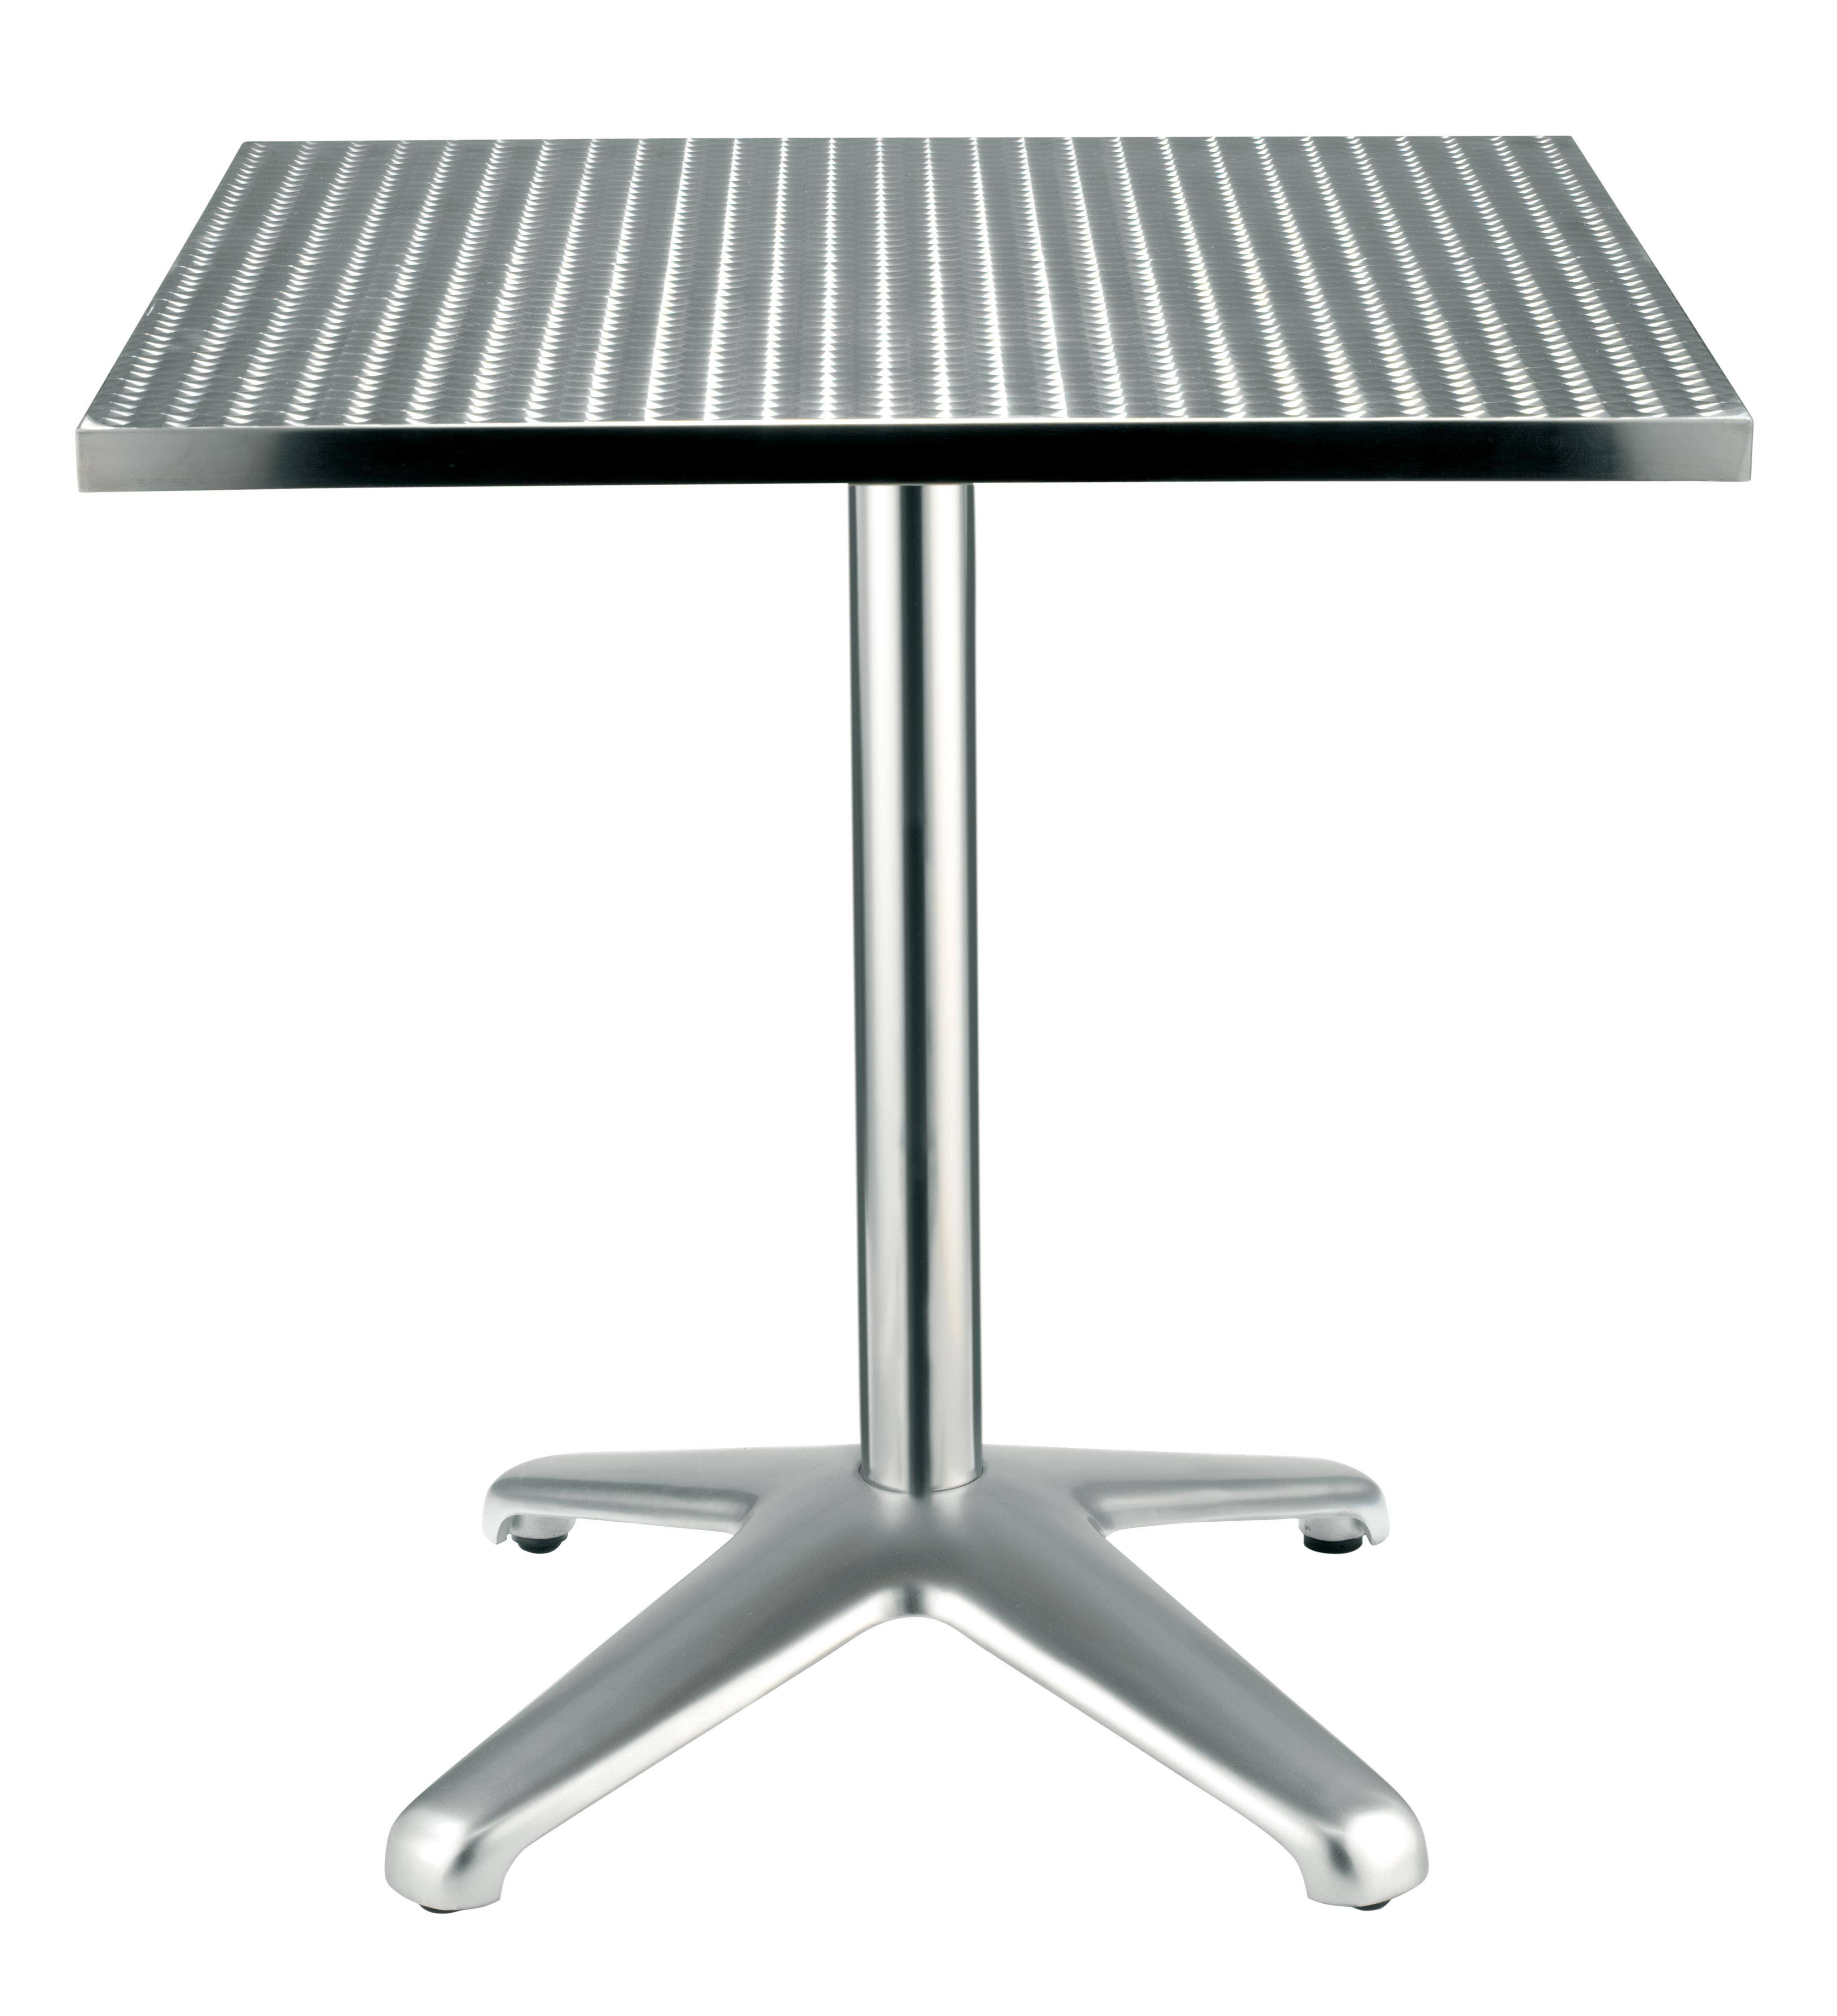 Mesa de terraza mesita de madera porttil ms de ideas - Decathlon calpe ...